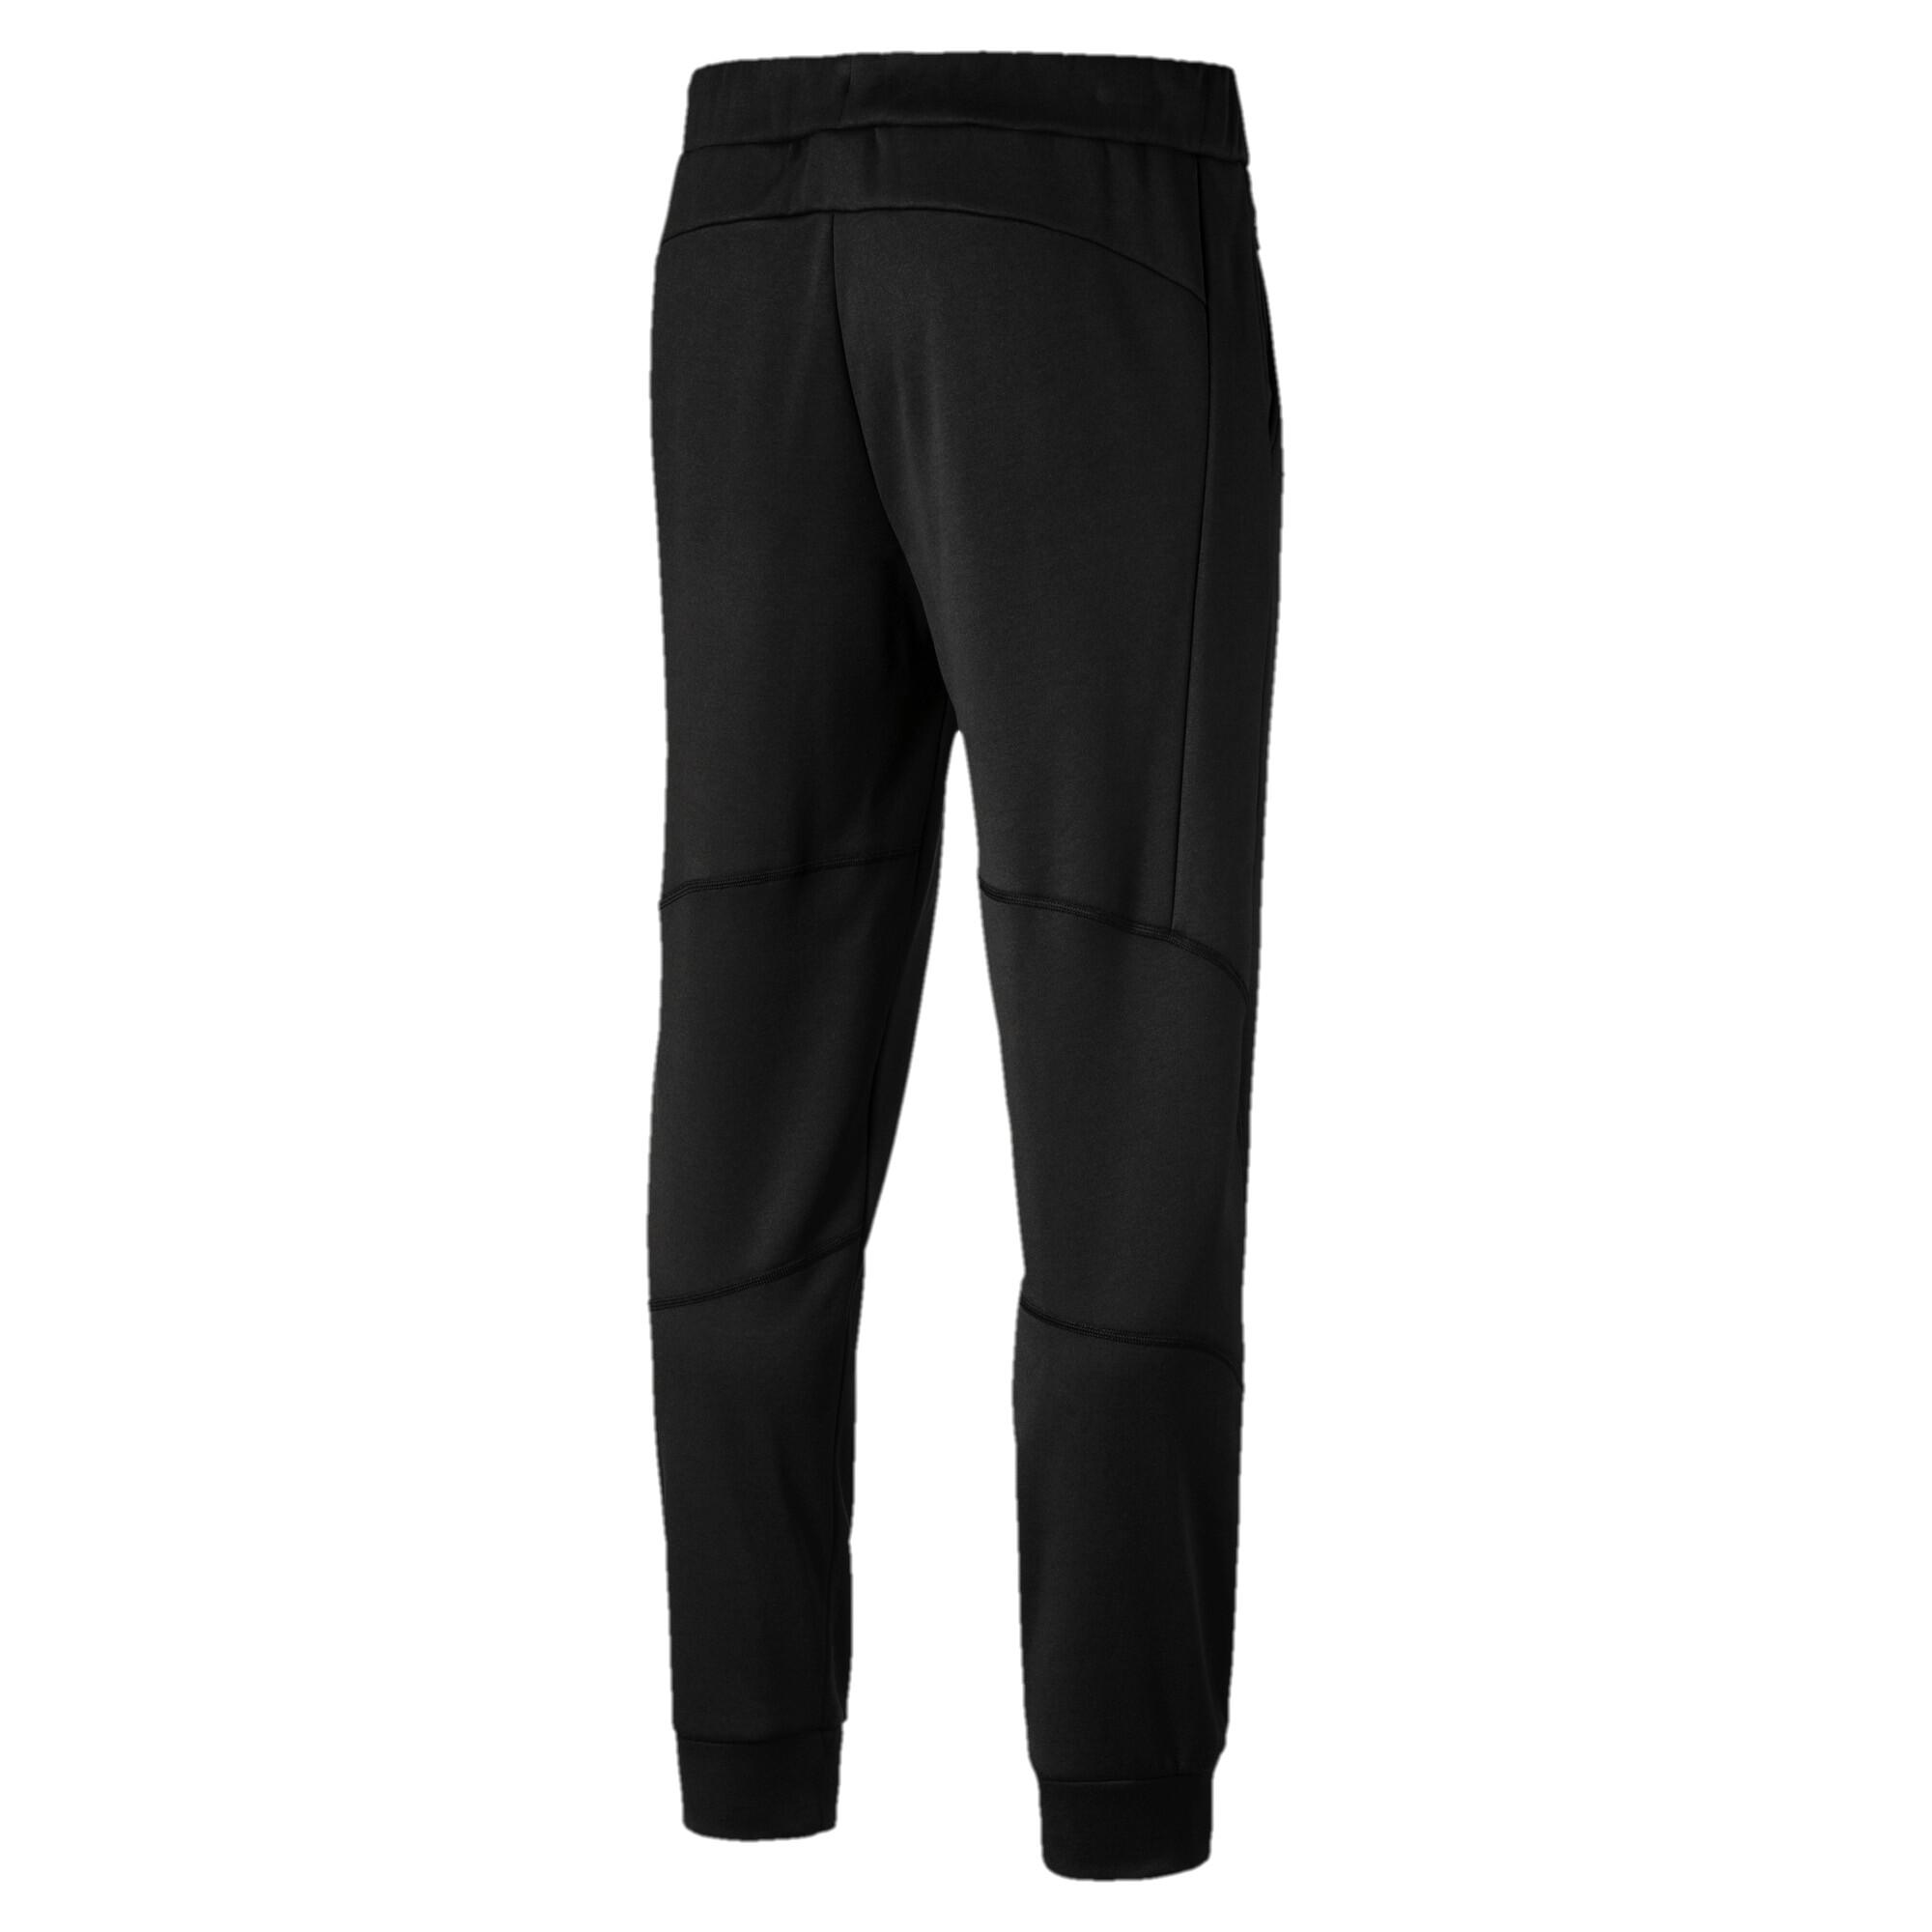 PUMA-Evostripe-Men-039-s-Warm-Pants-Men-Knitted-Pants-Basics thumbnail 6